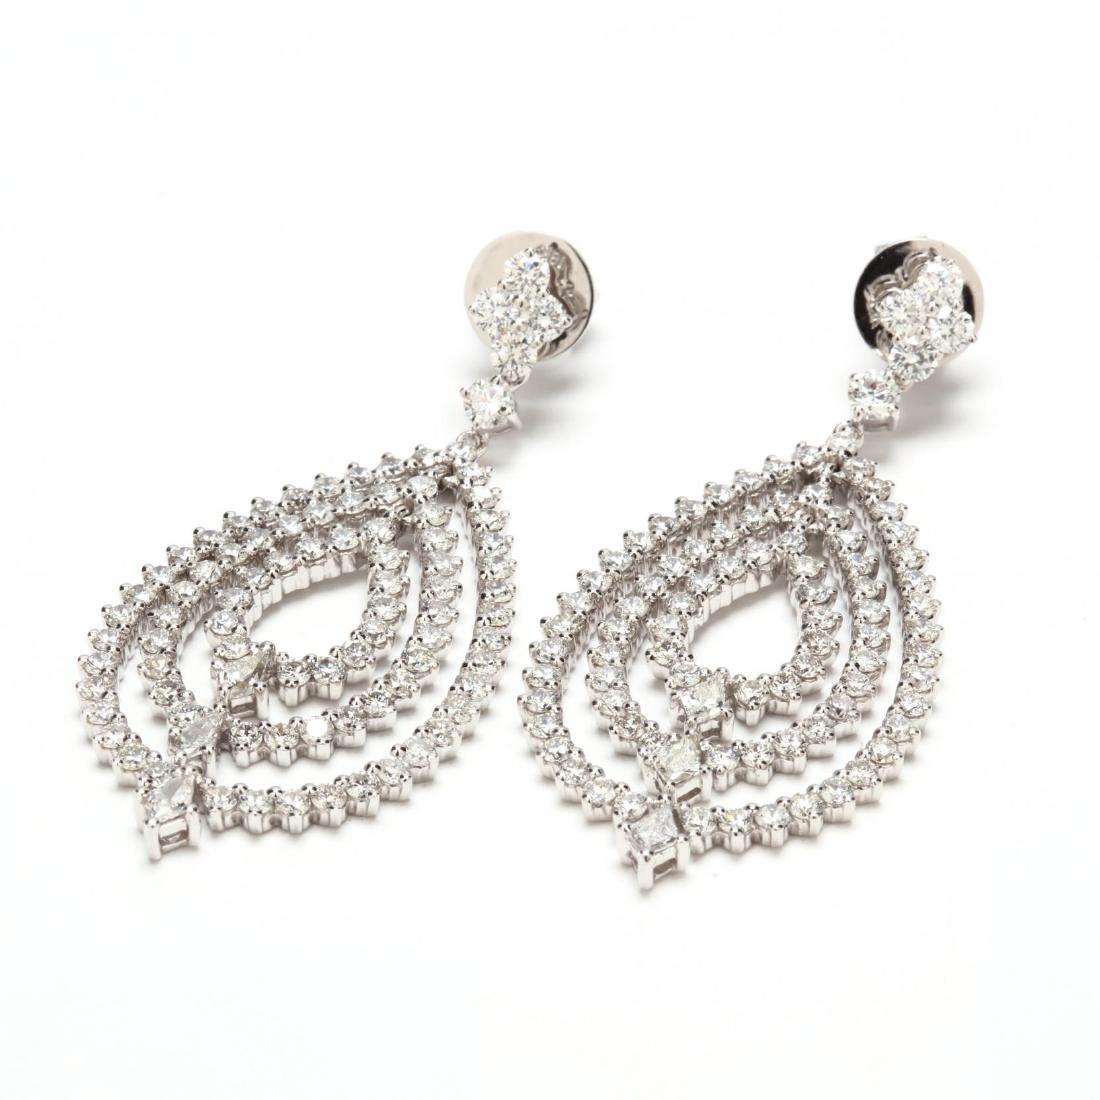 18KT White Gold Diamond Pendant Earrings